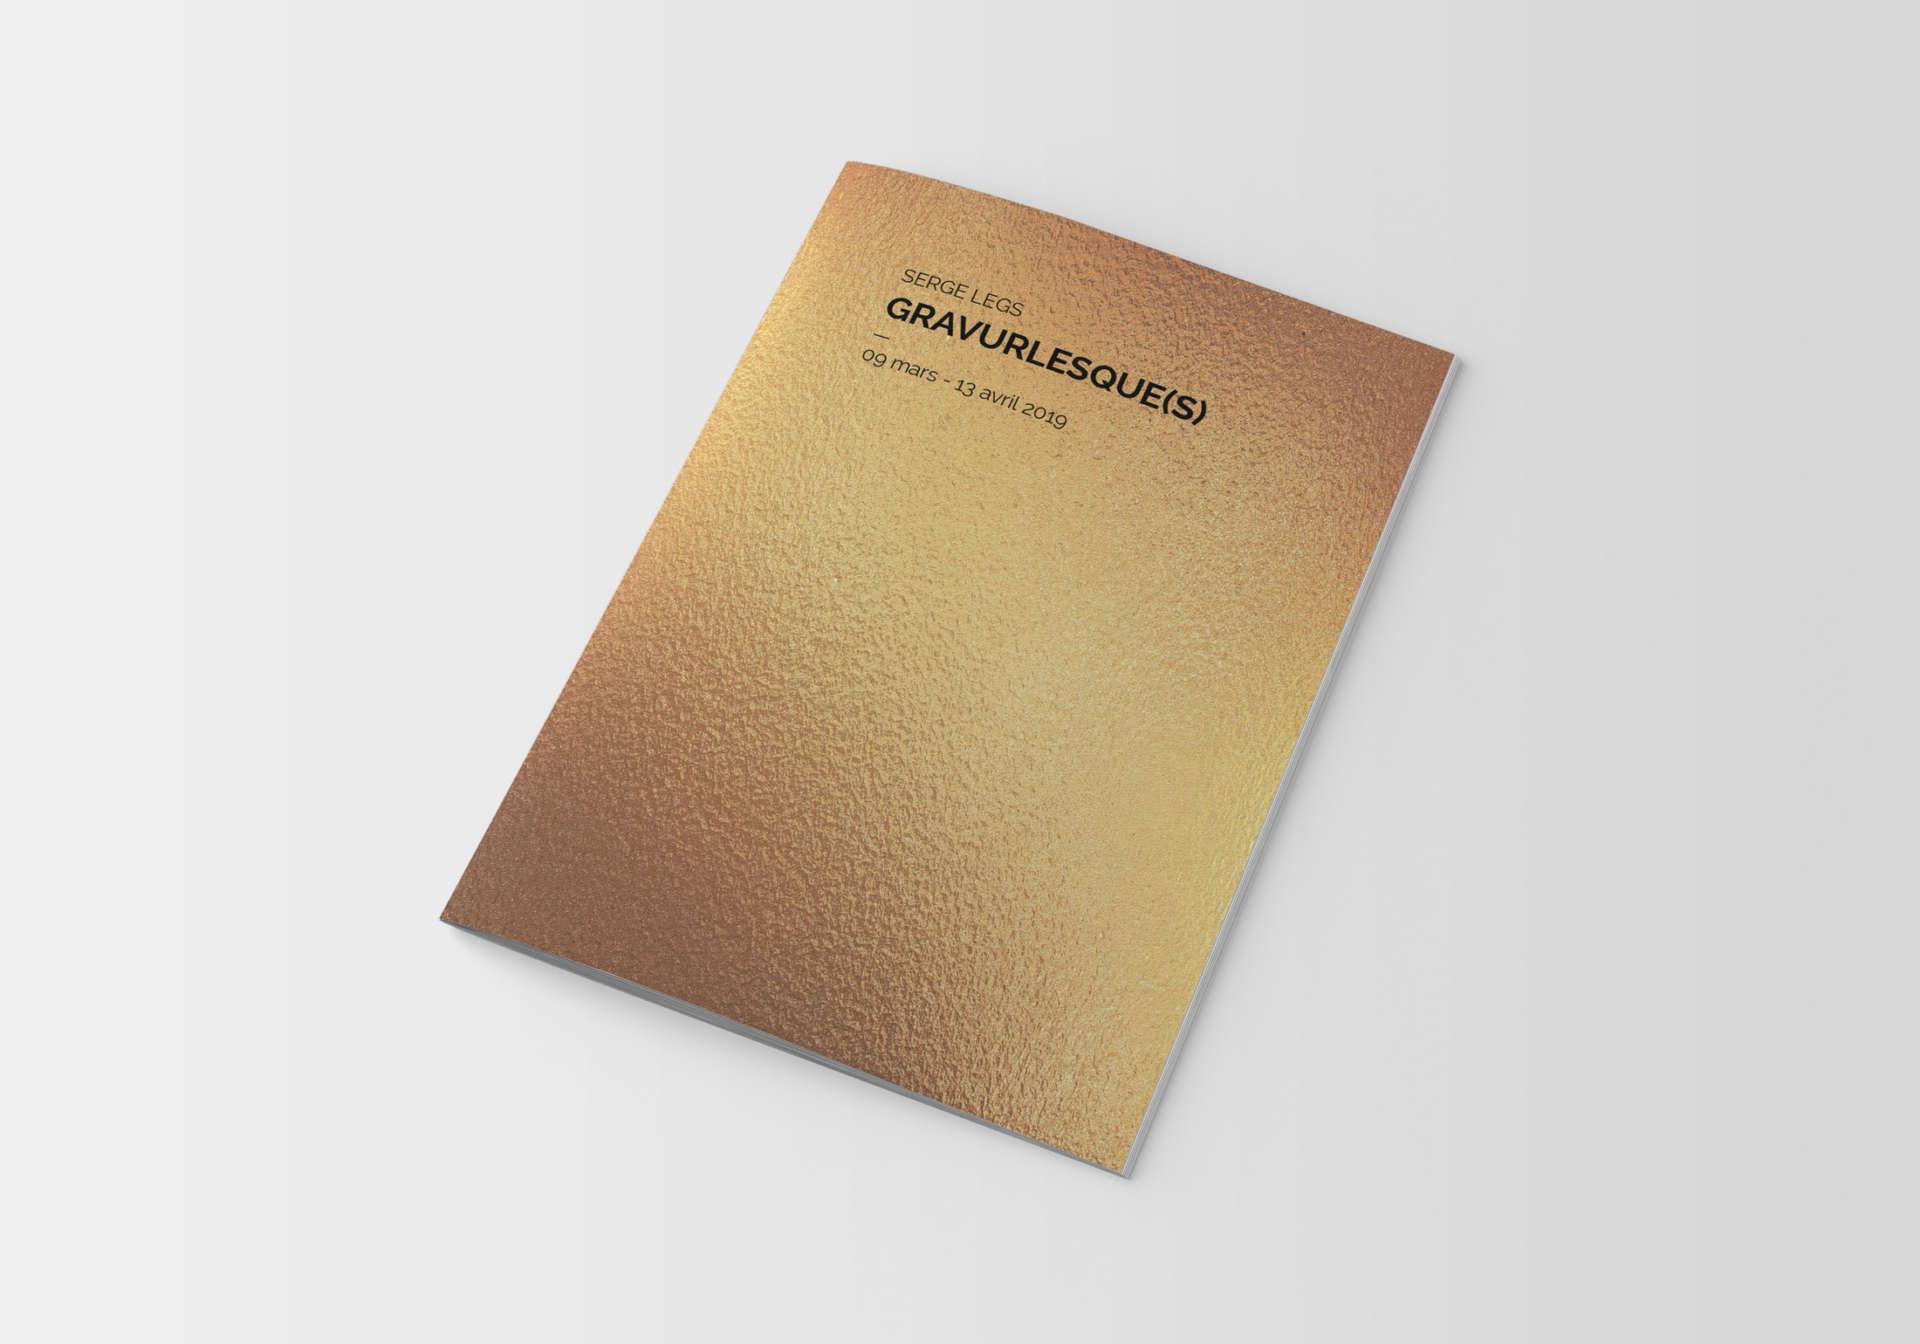 Galerie-ALB-catalogue-01